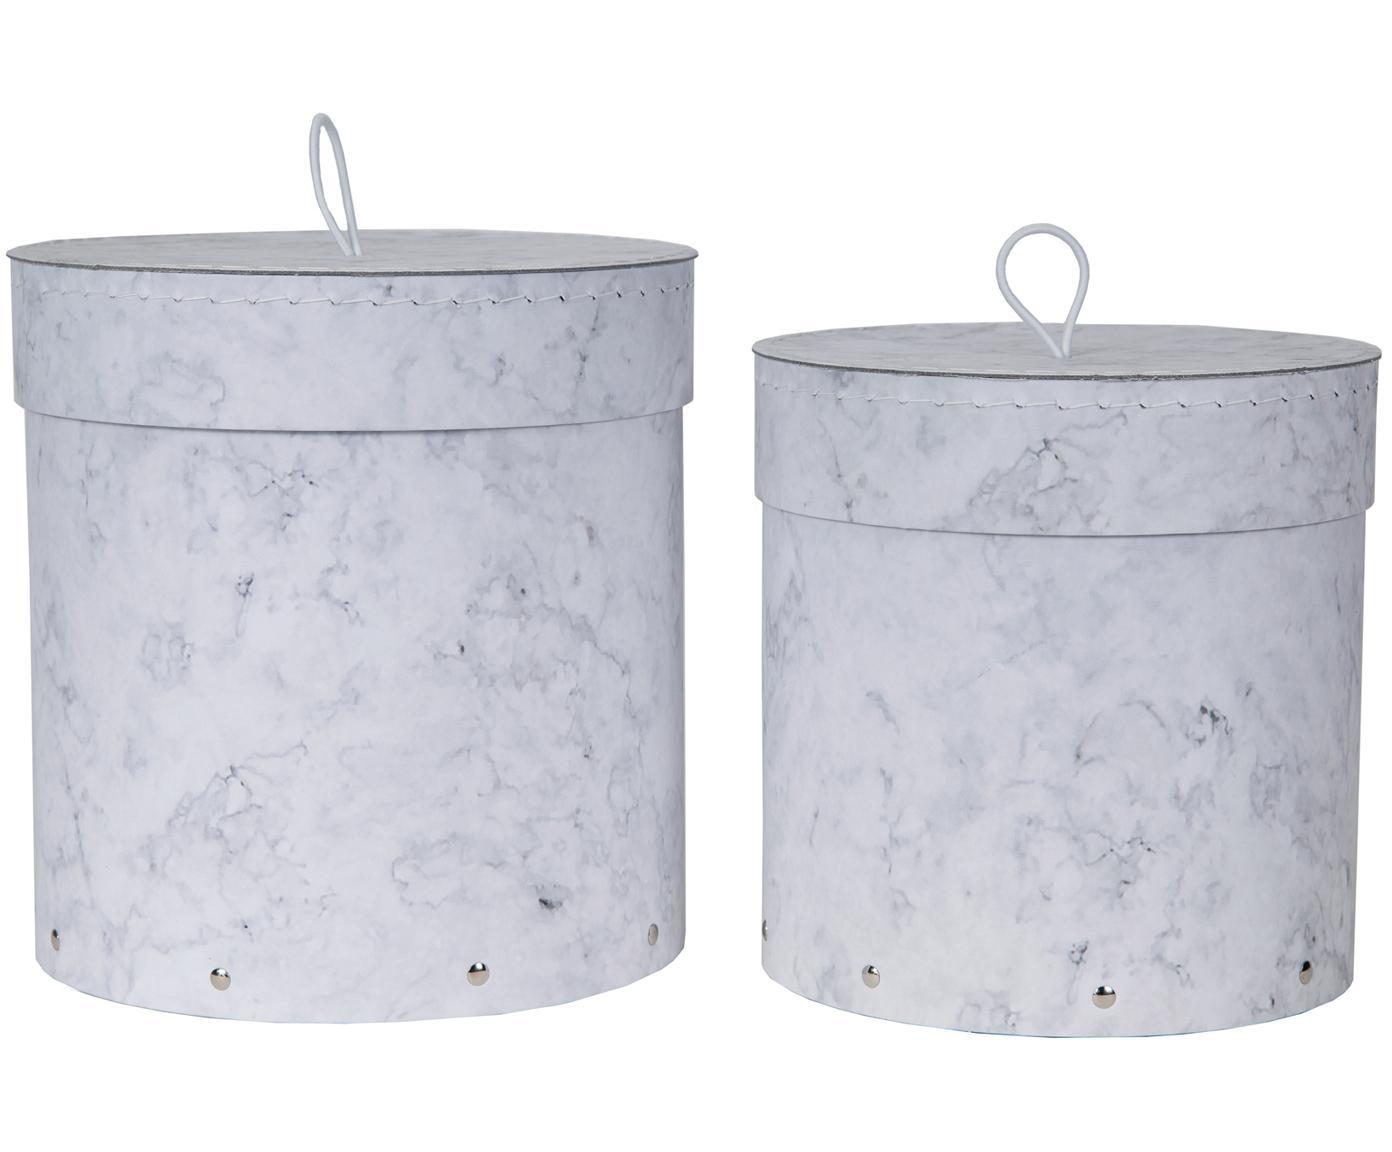 Set de cajas Hanna, 2pzas., Caja: cartón laminado, Asa: caucho, Blanco veteado, Tamaños diferentes